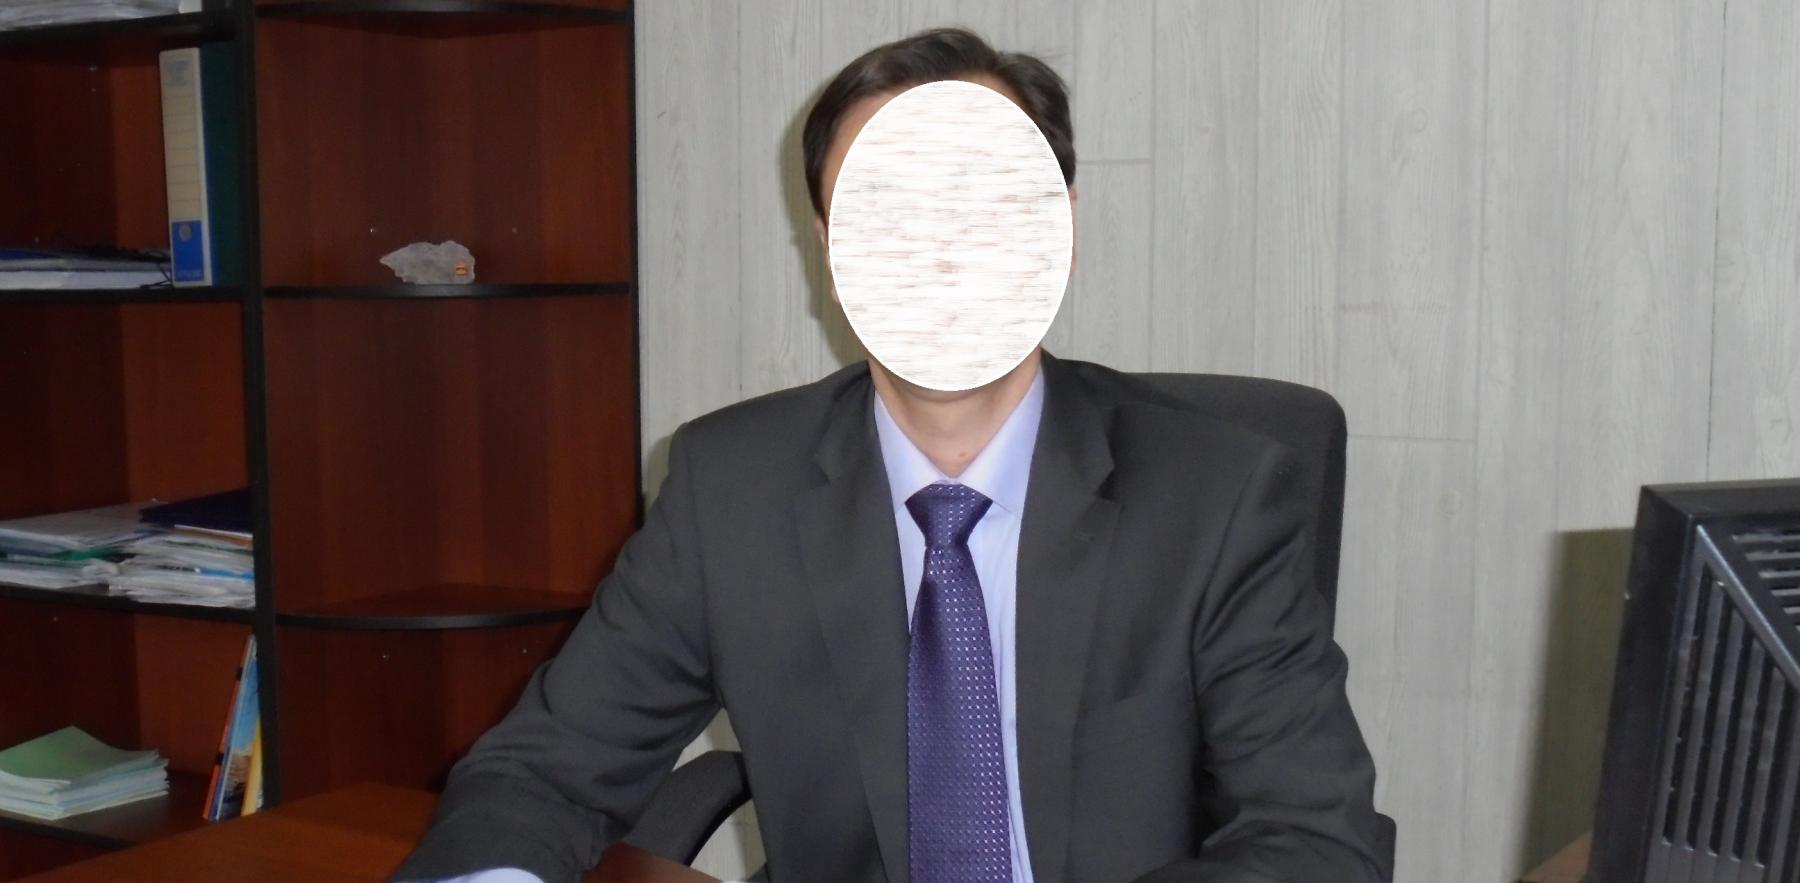 фото «Отправлял письма с порно, чтобы не лишиться работы»: в Новосибирске начался суд над директором школы 2